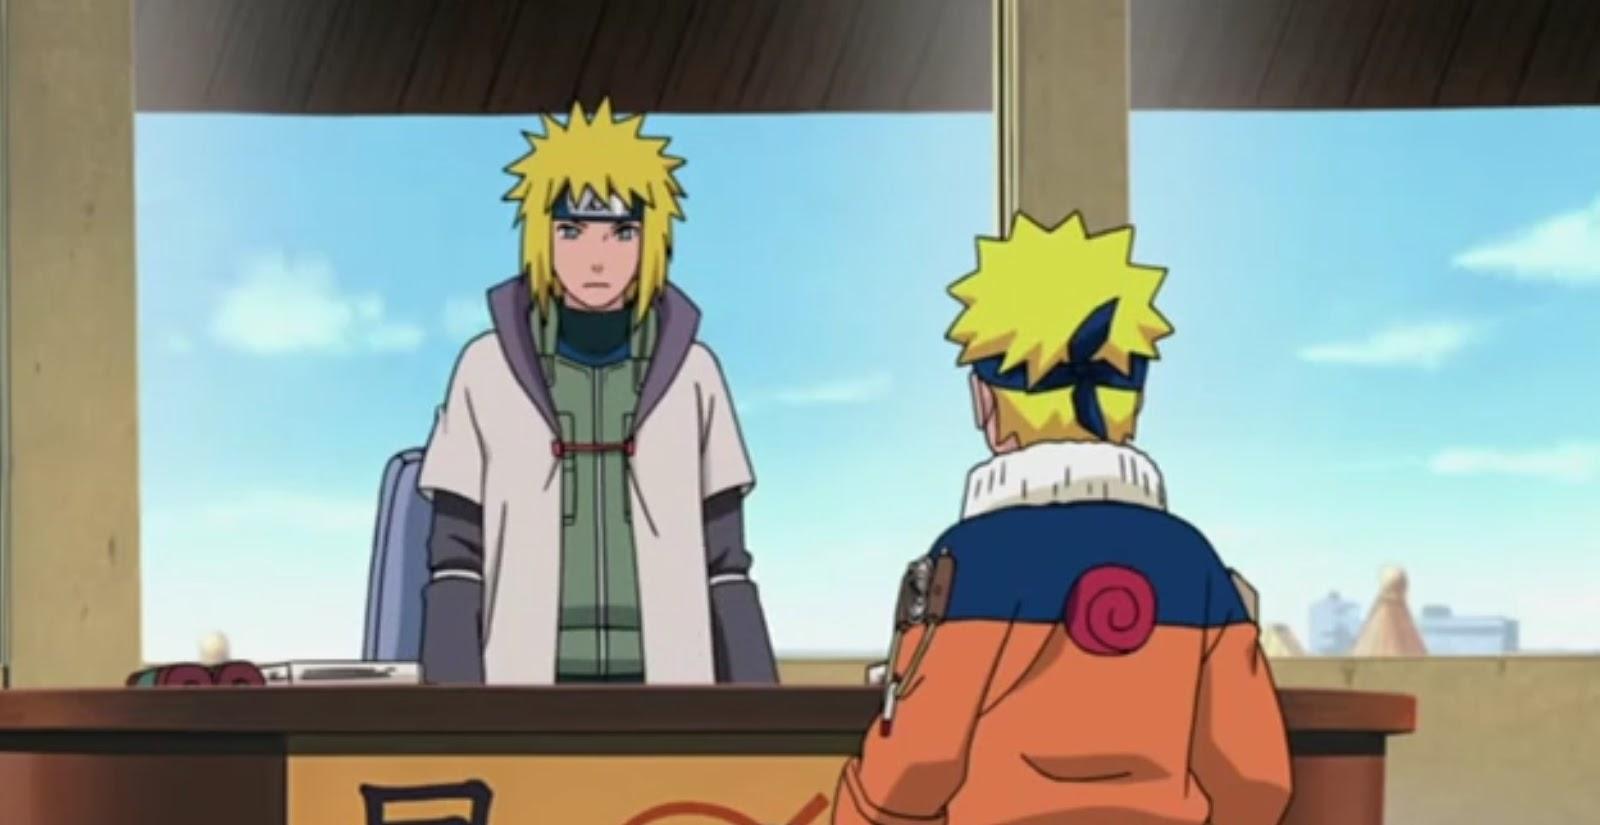 Naruto Shippuden Episódio 437, Assistir Naruto Shippuden Episódio 437, Assistir Naruto Shippuden Todos os Episódios Legendado, Naruto Shippuden episódio 437,HD